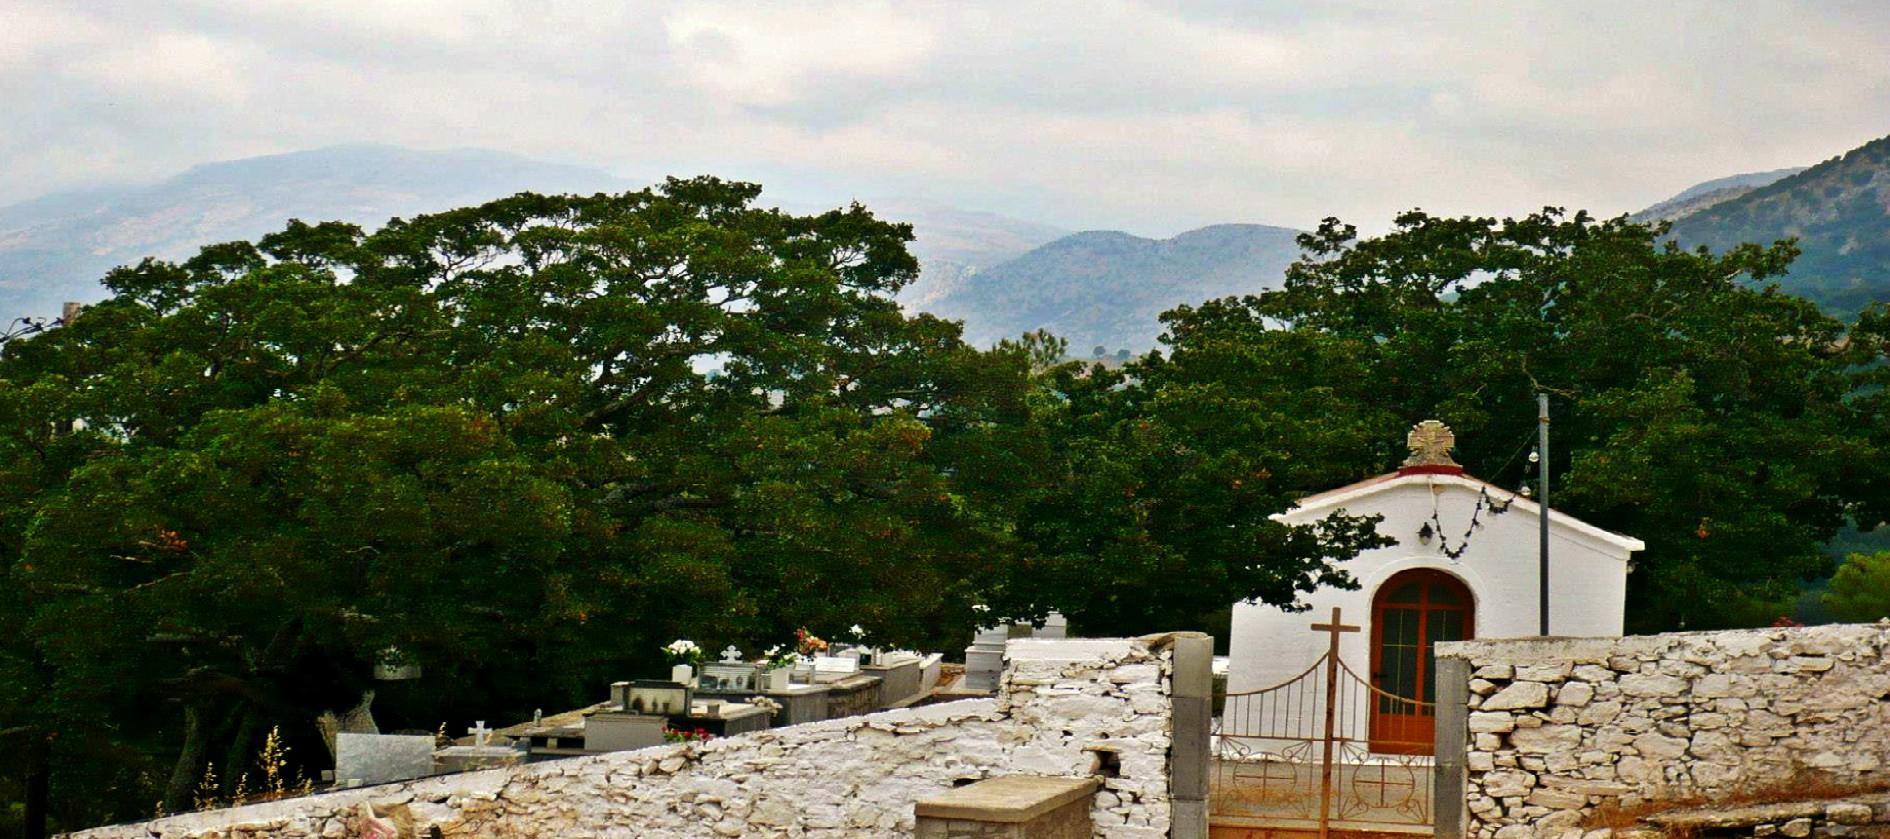 Αφέντης Χριστός χωριού Μαγουλά- Afentis Xristos of Magoula